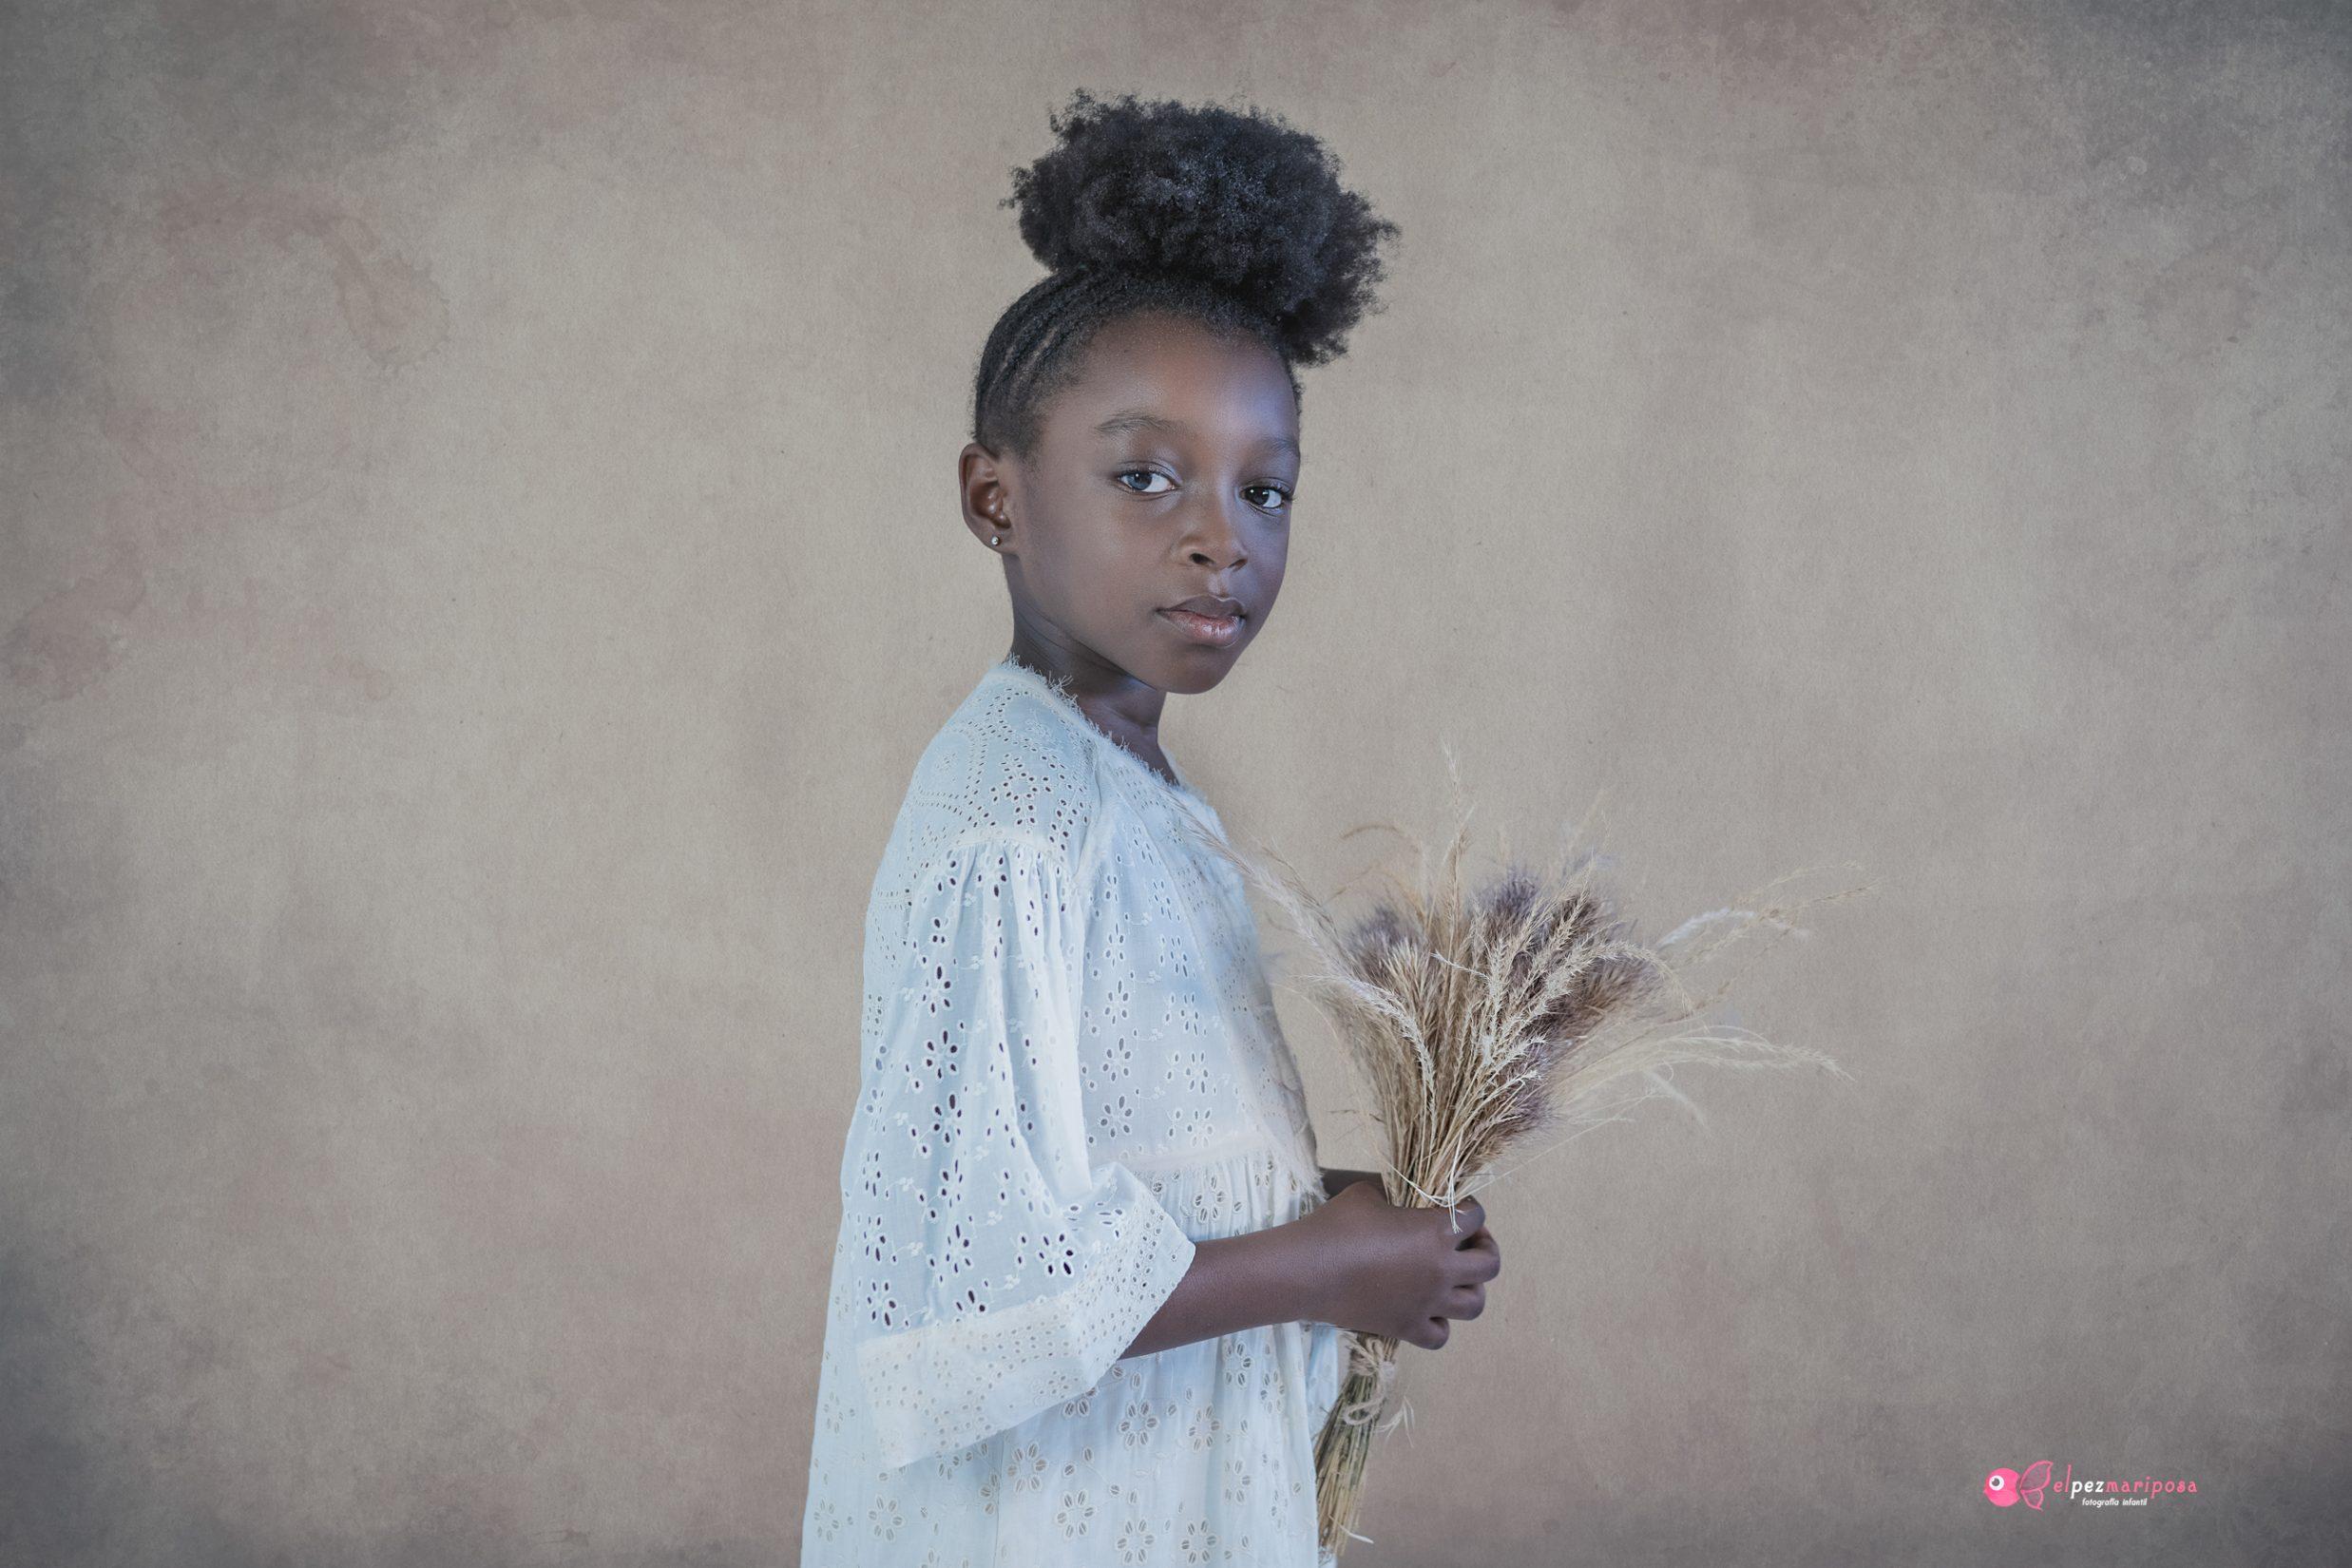 Fotografía de retrato infantil